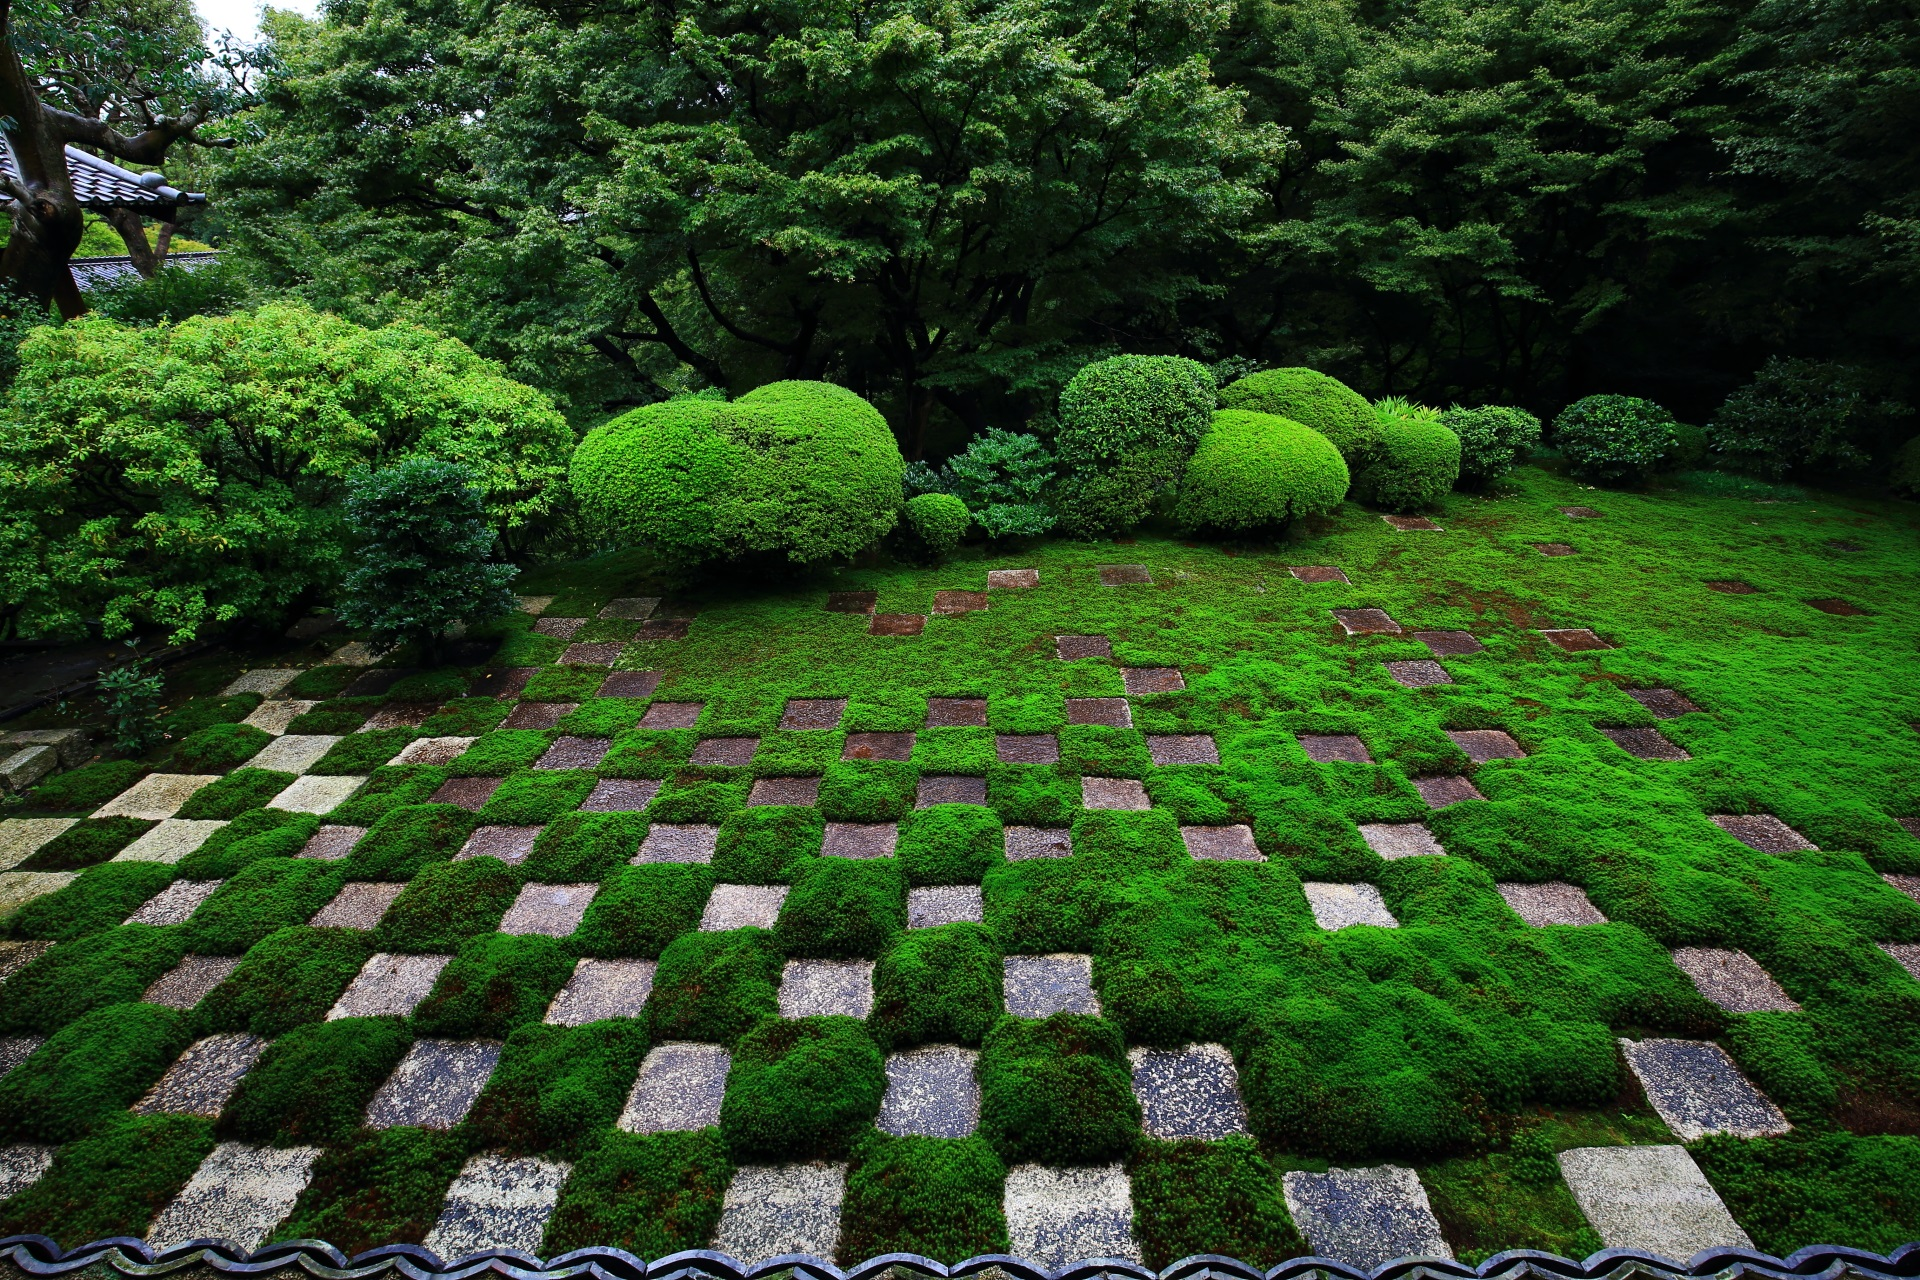 緑の苔の市松模様で知られる東福寺の方丈庭園